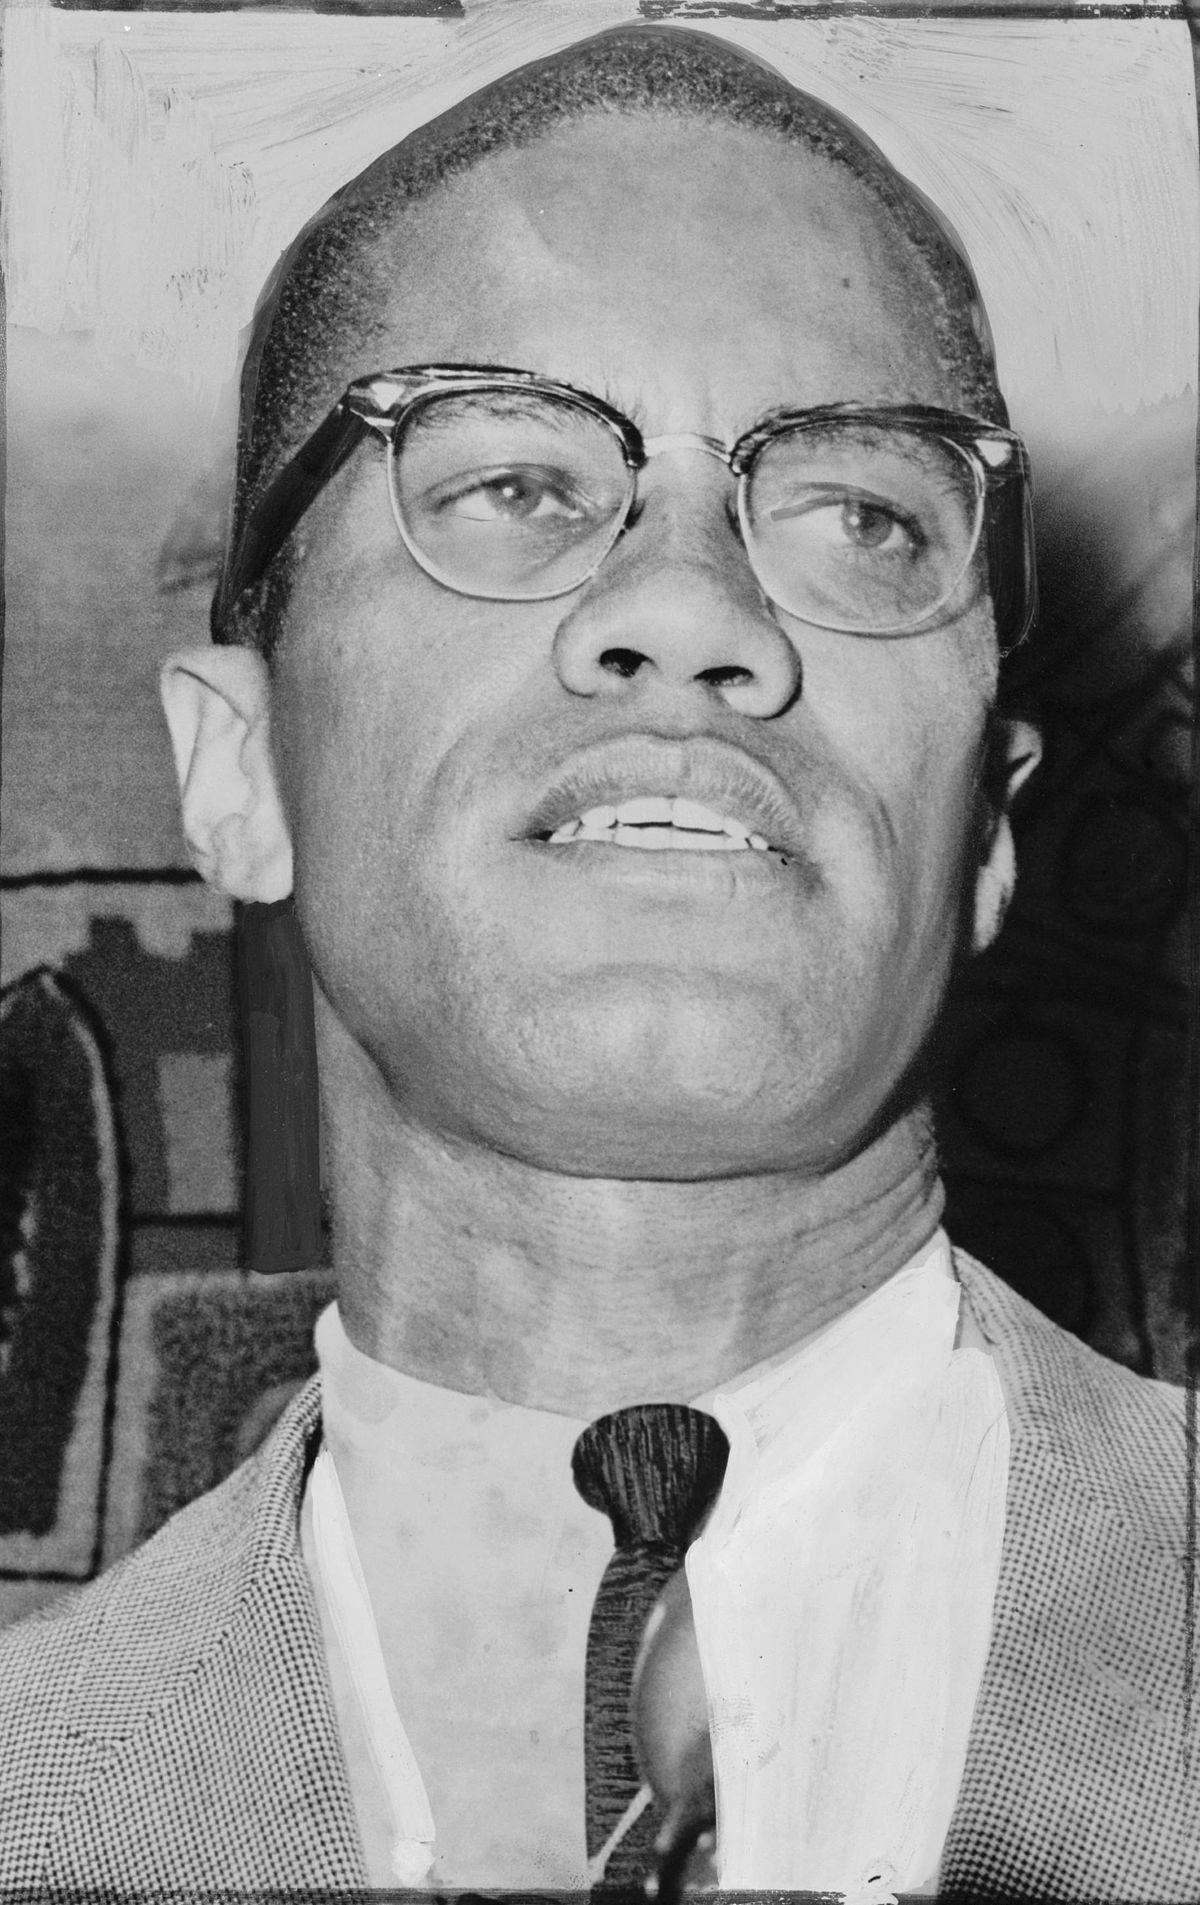 Réouverture de l'enquête sur le meurtre de Malcolm X